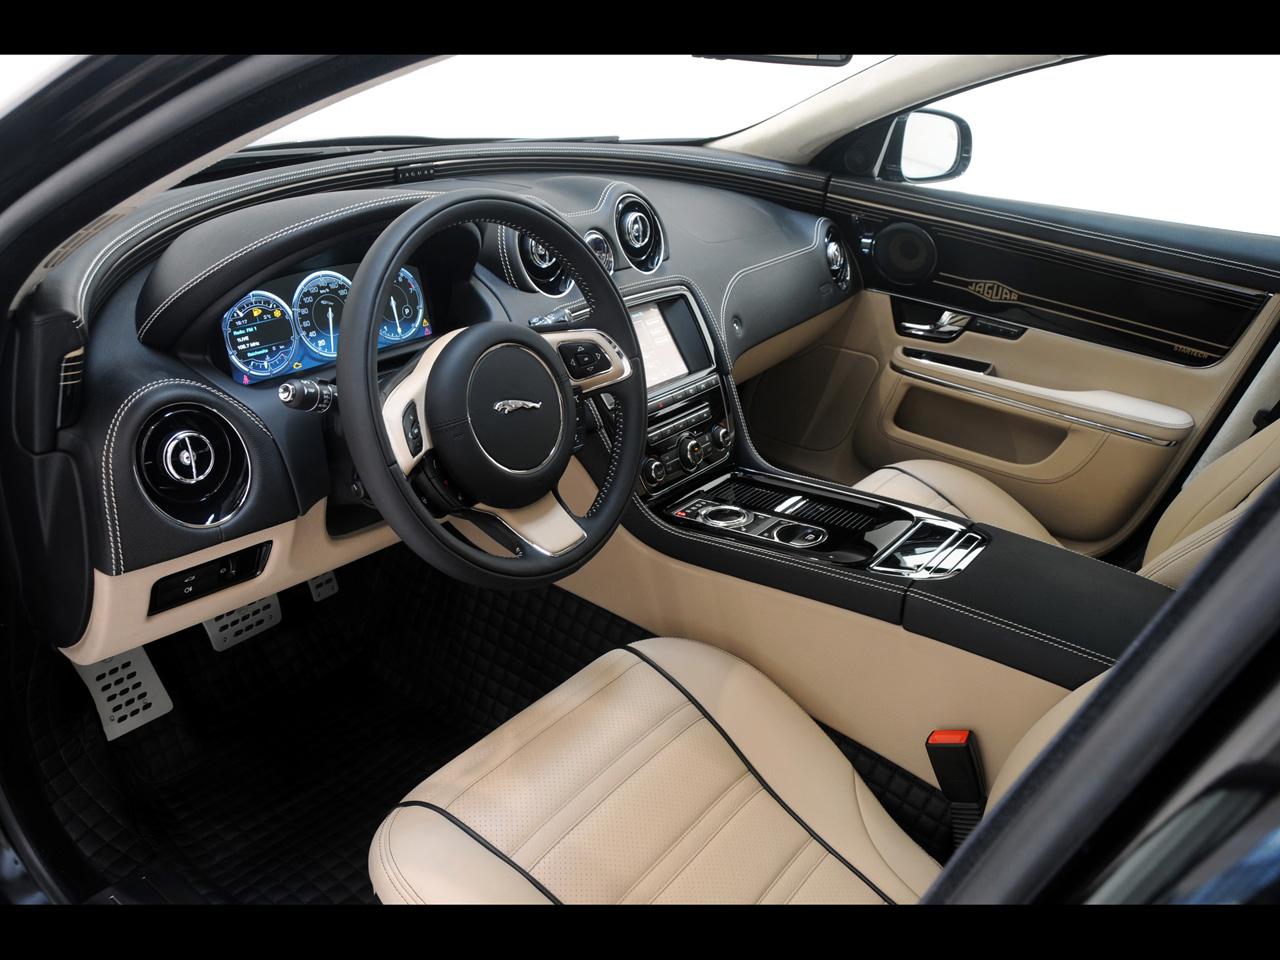 Jaguar xj interior |Its My Car Club